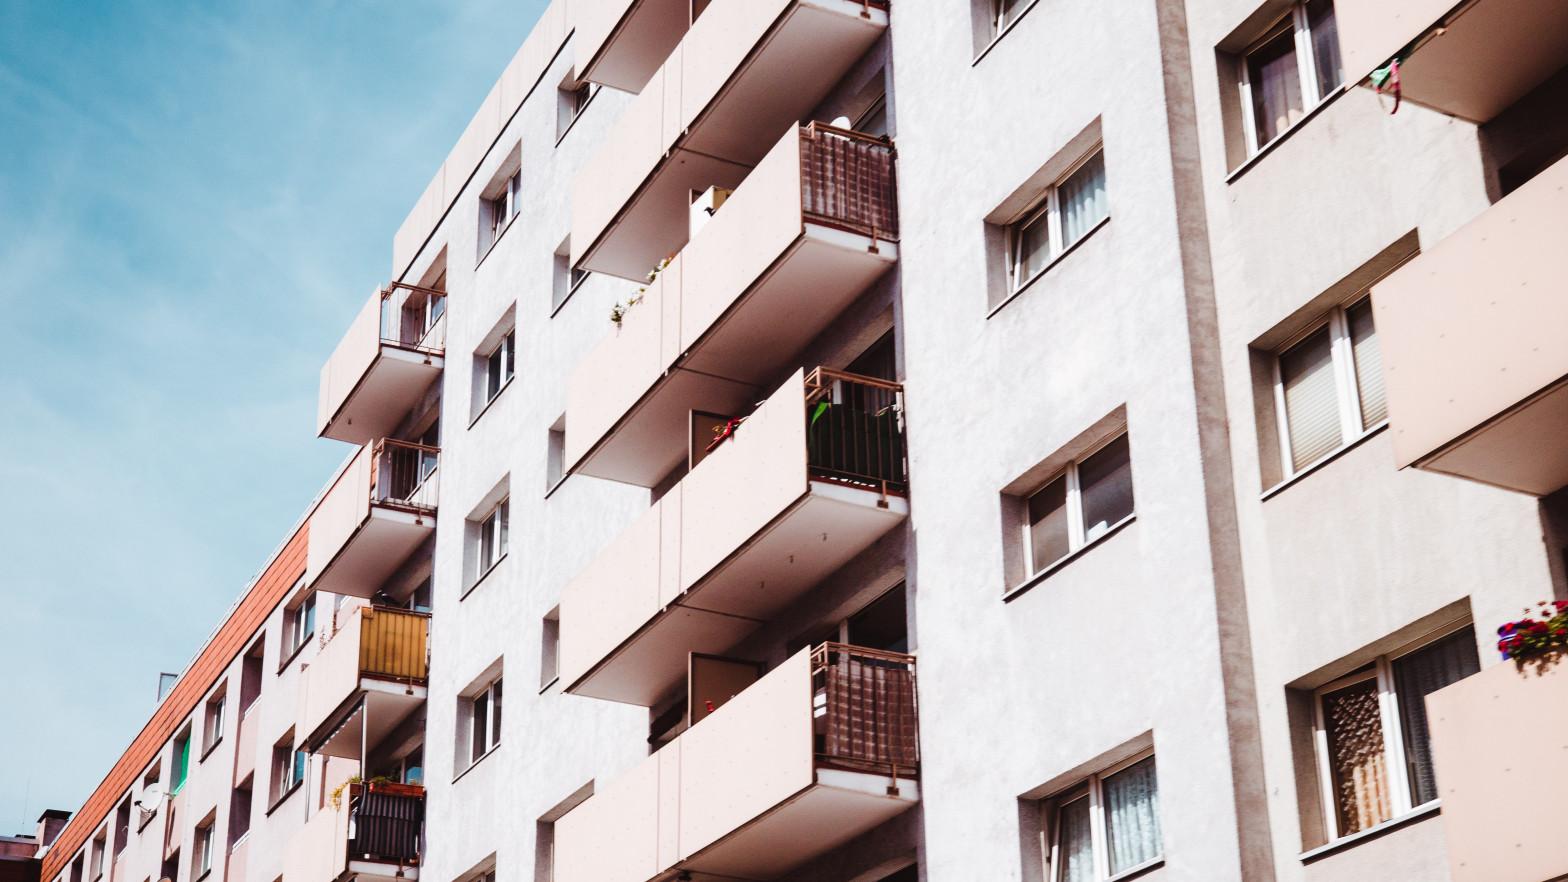 La firma de hipotecas sobre viviendas baja un 7,6% en 2020 y marca mínimos desde 2017